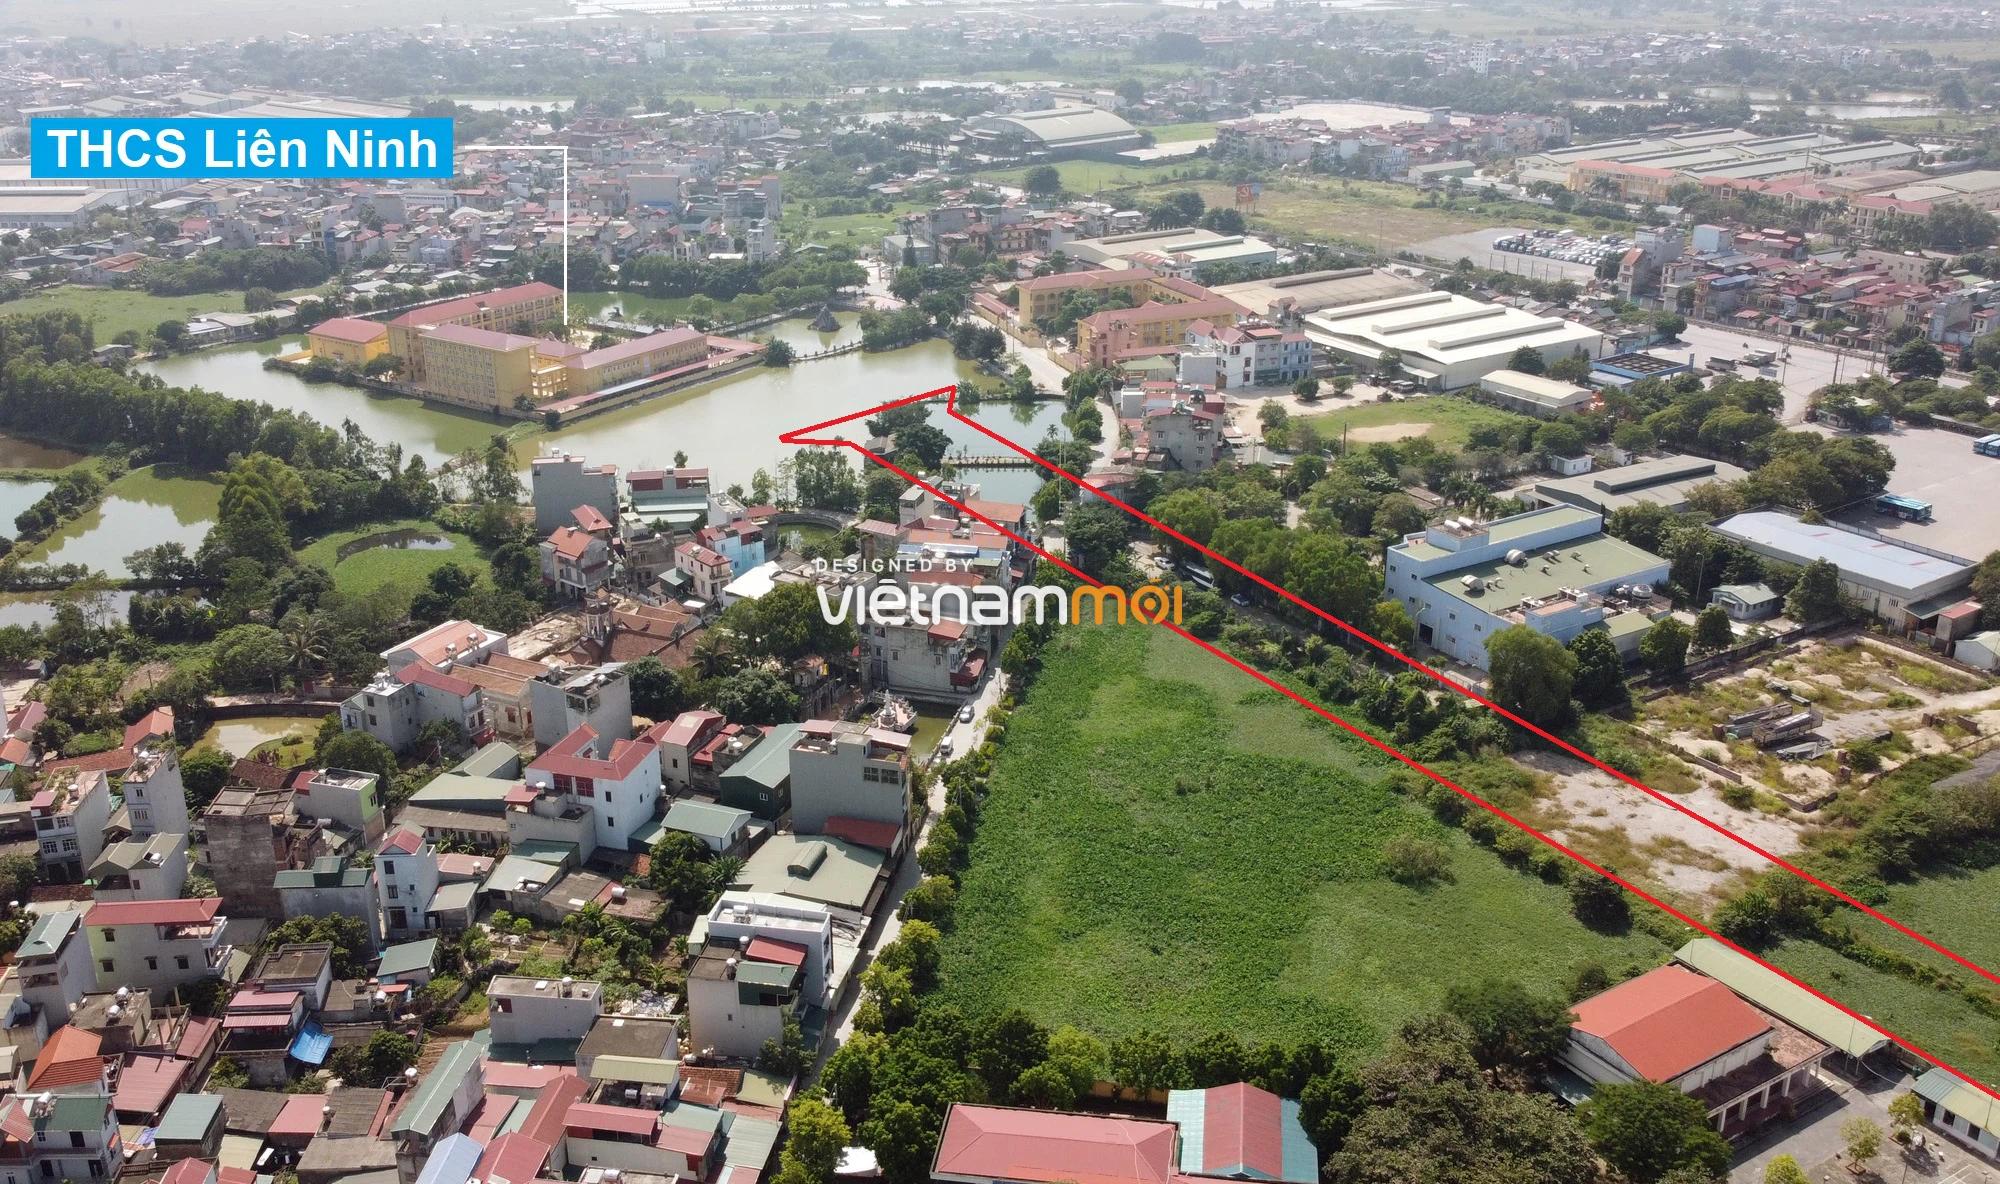 Những khu đất sắp thu hồi để mở đường ở xã Liên Ninh, Thanh Trì, Hà Nội (phần 1) - Ảnh 17.